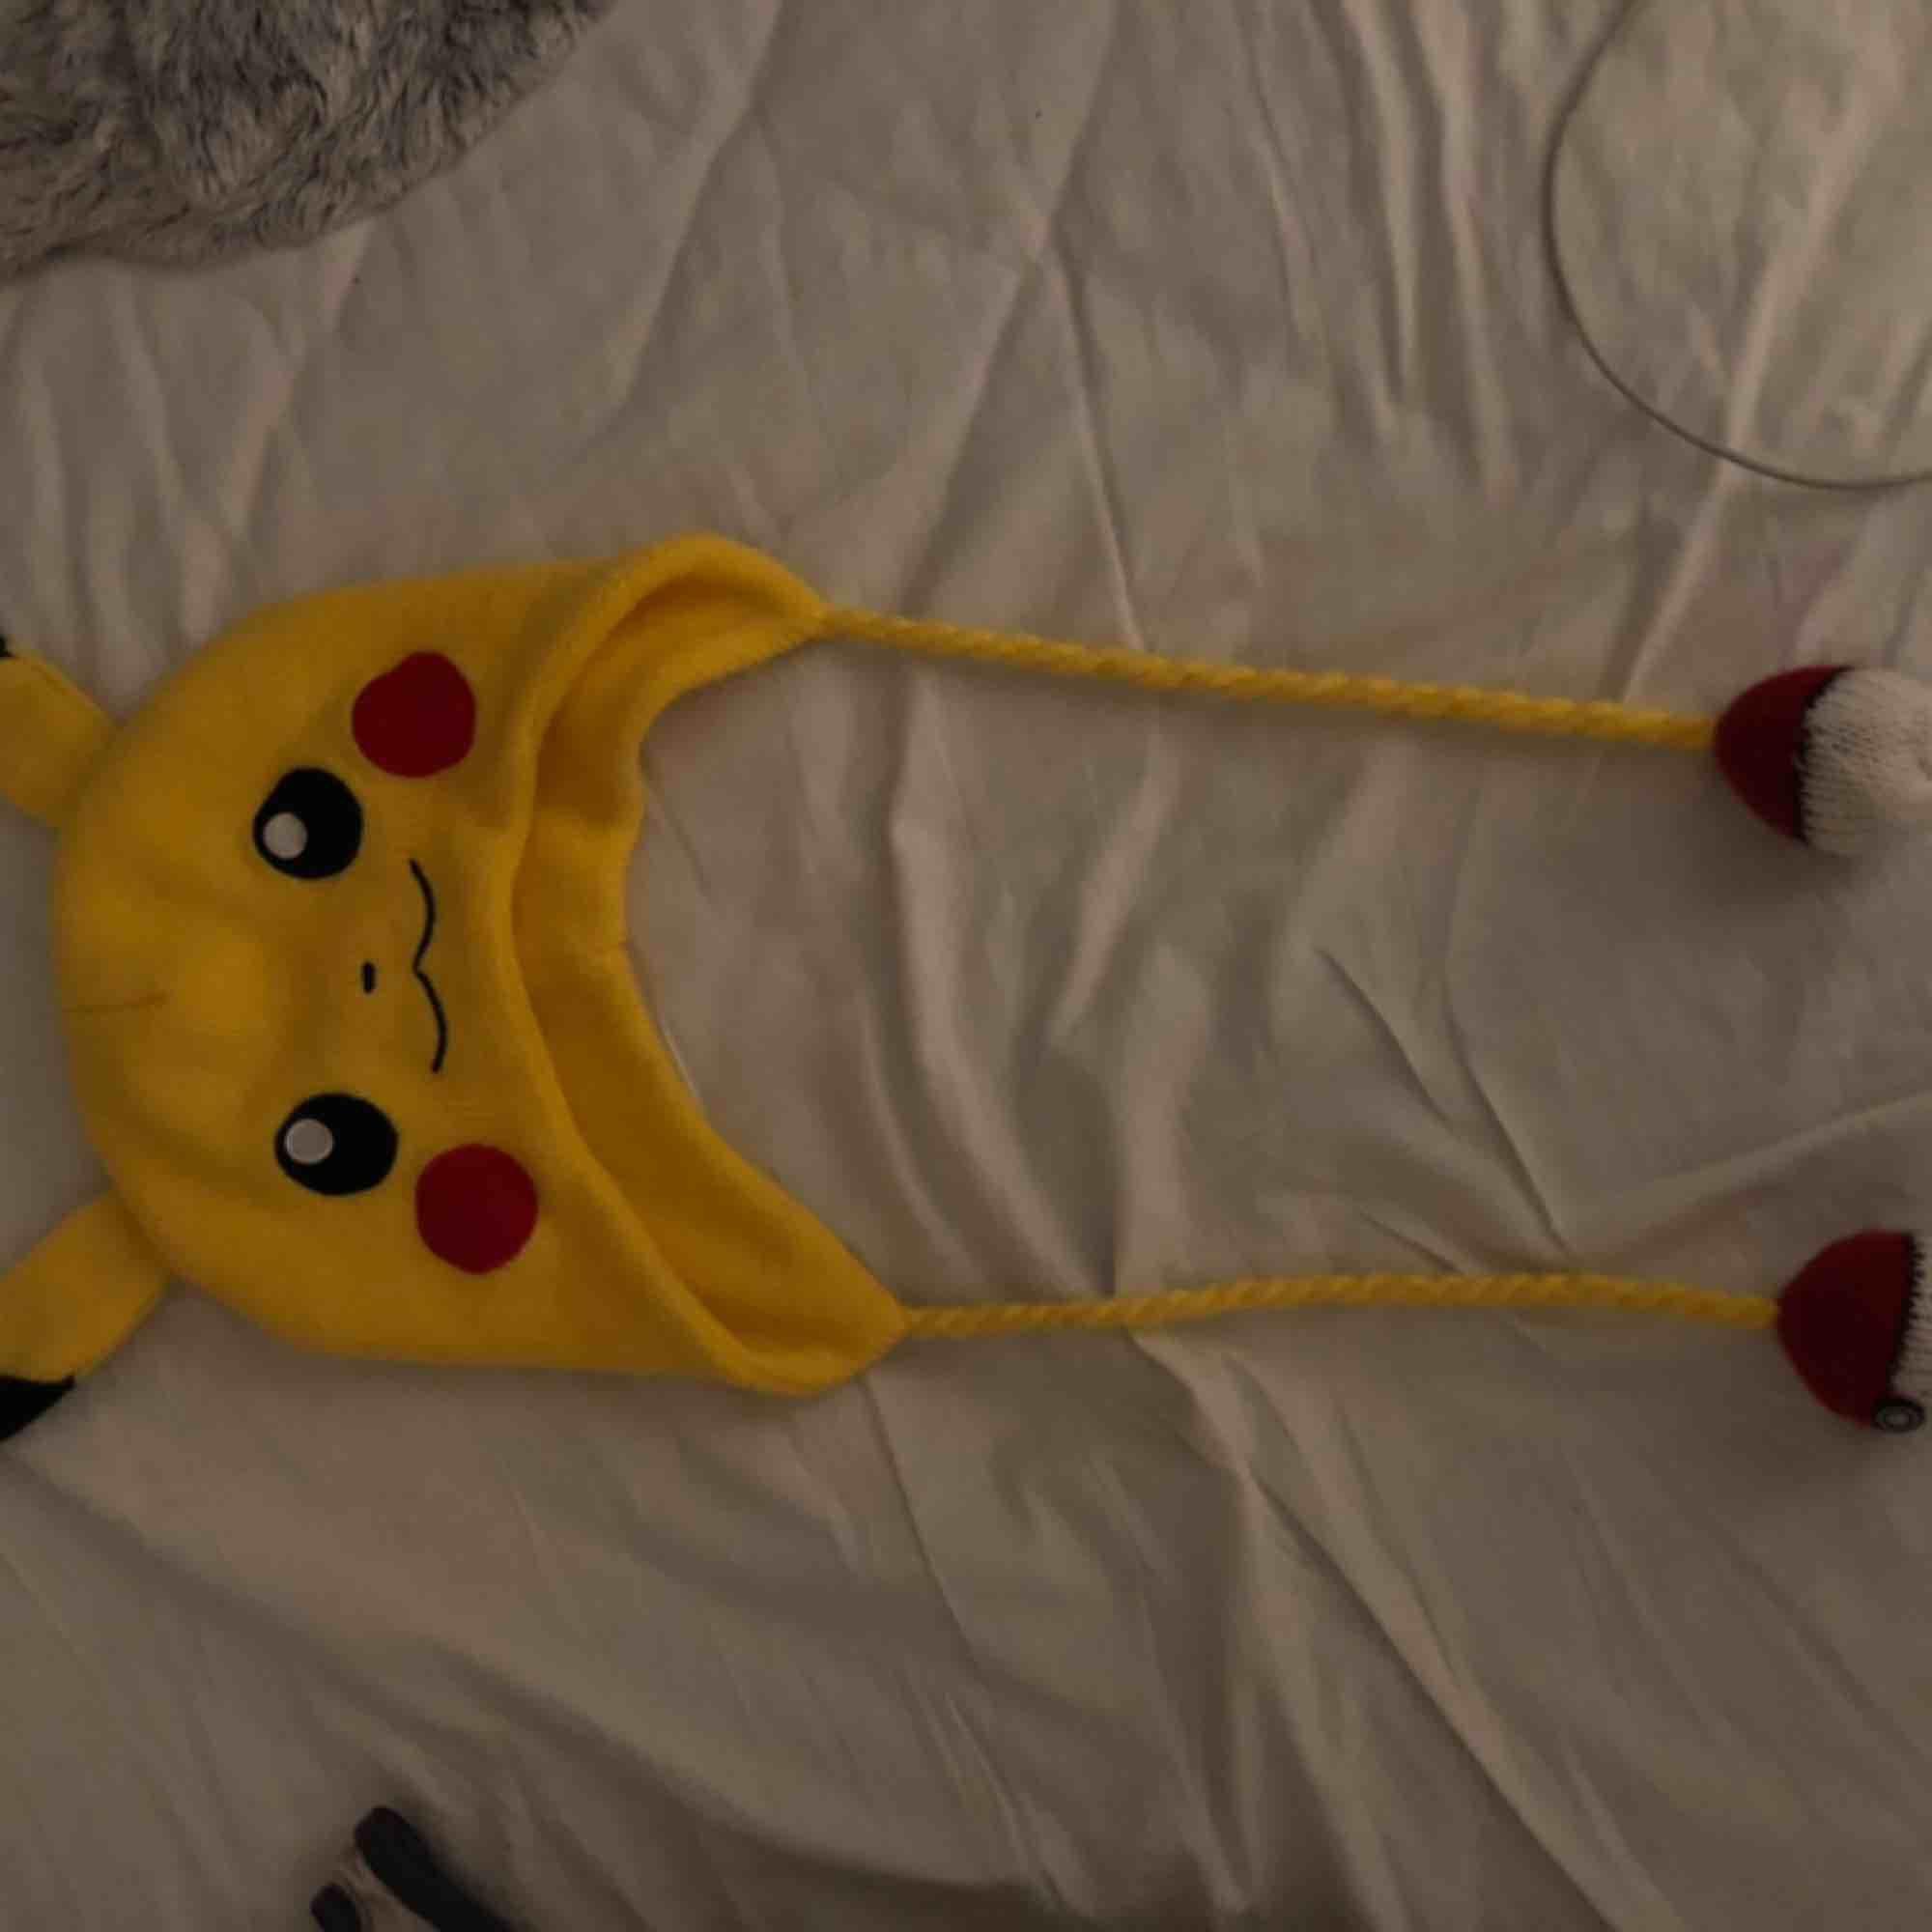 Säljer en supersöt pikachu mössa, hör av dig om du är intresserad 💓💕. Accessoarer.